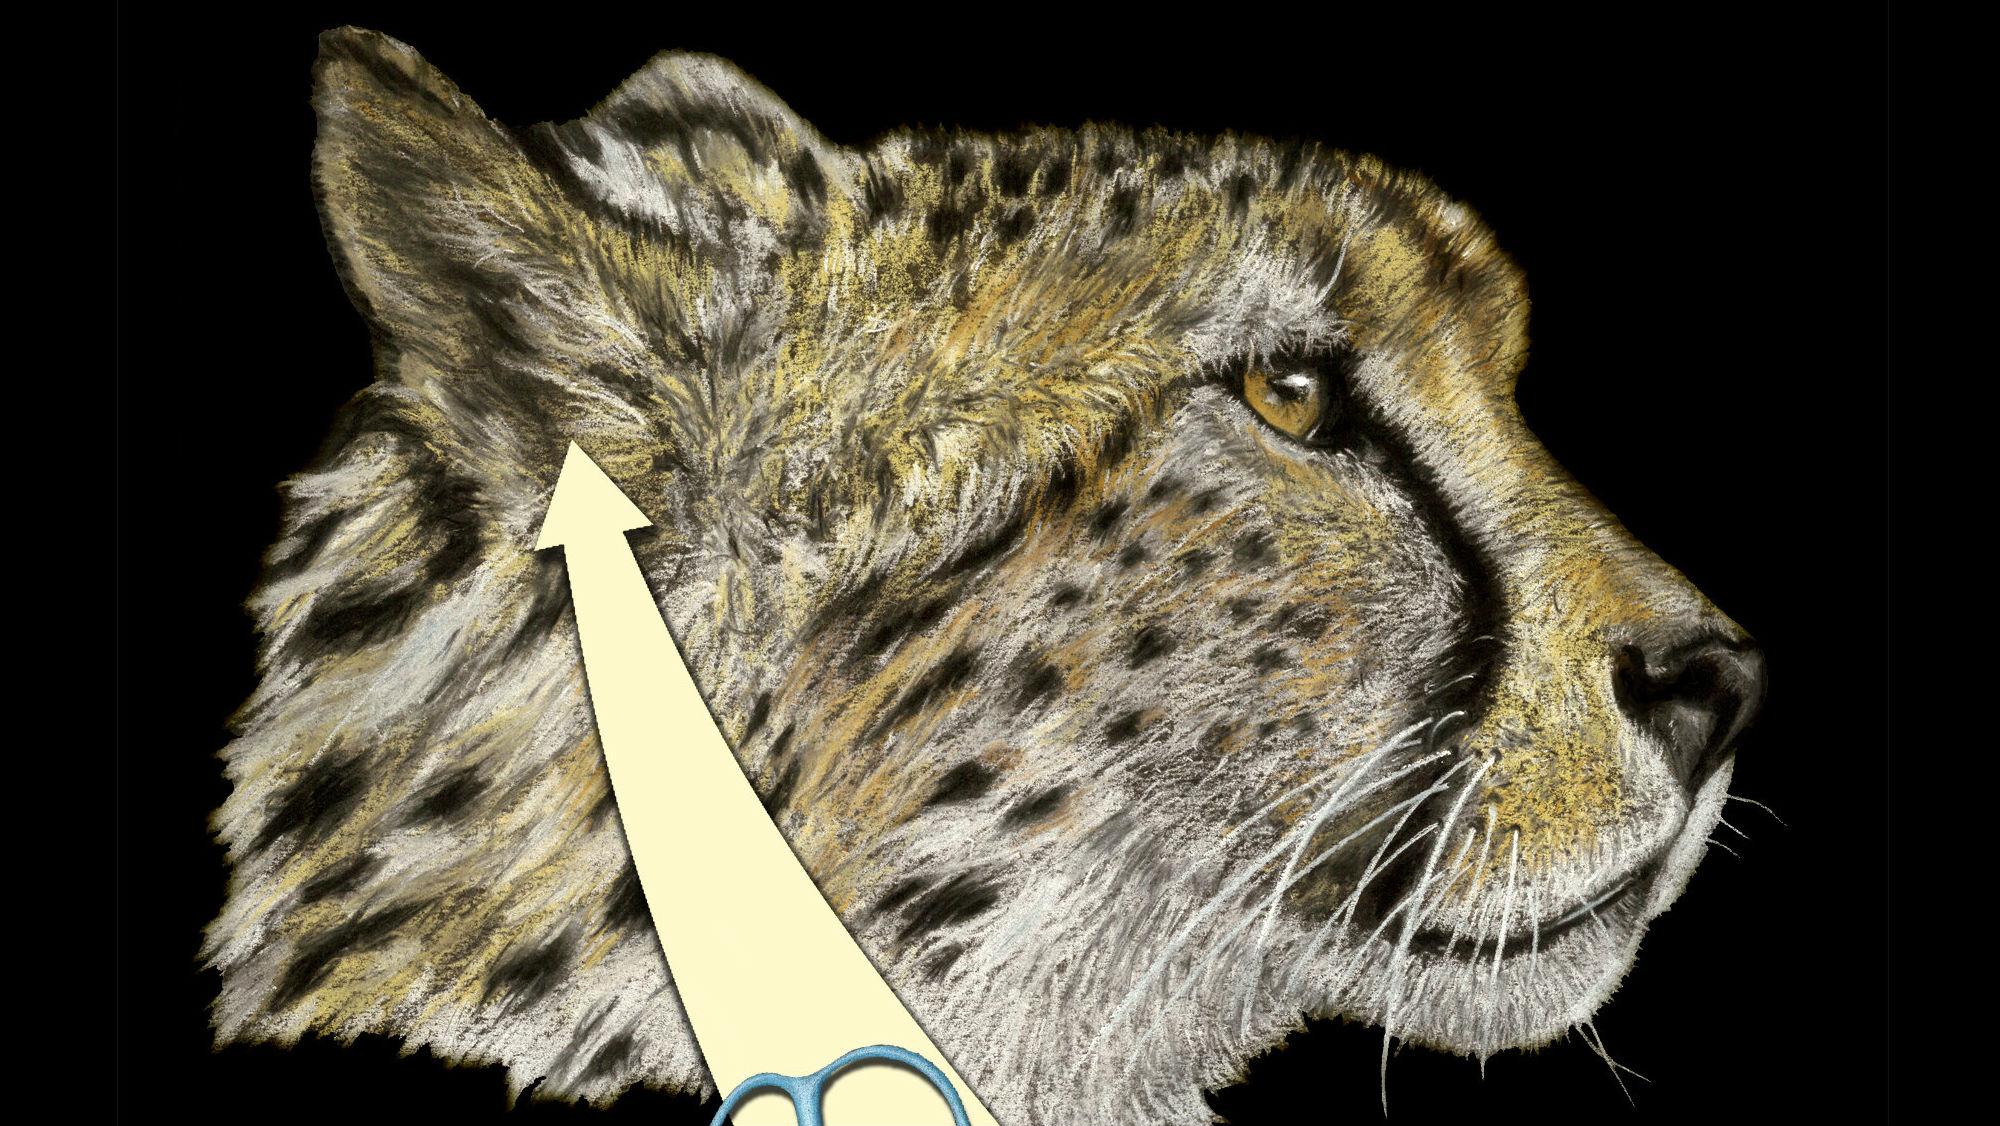 Анализ внутреннего уха современных и вымерших гепардов показал, что уникальное приспособление для удачной высокоскоростной охоты появилось у этих хищников относительно недавно.